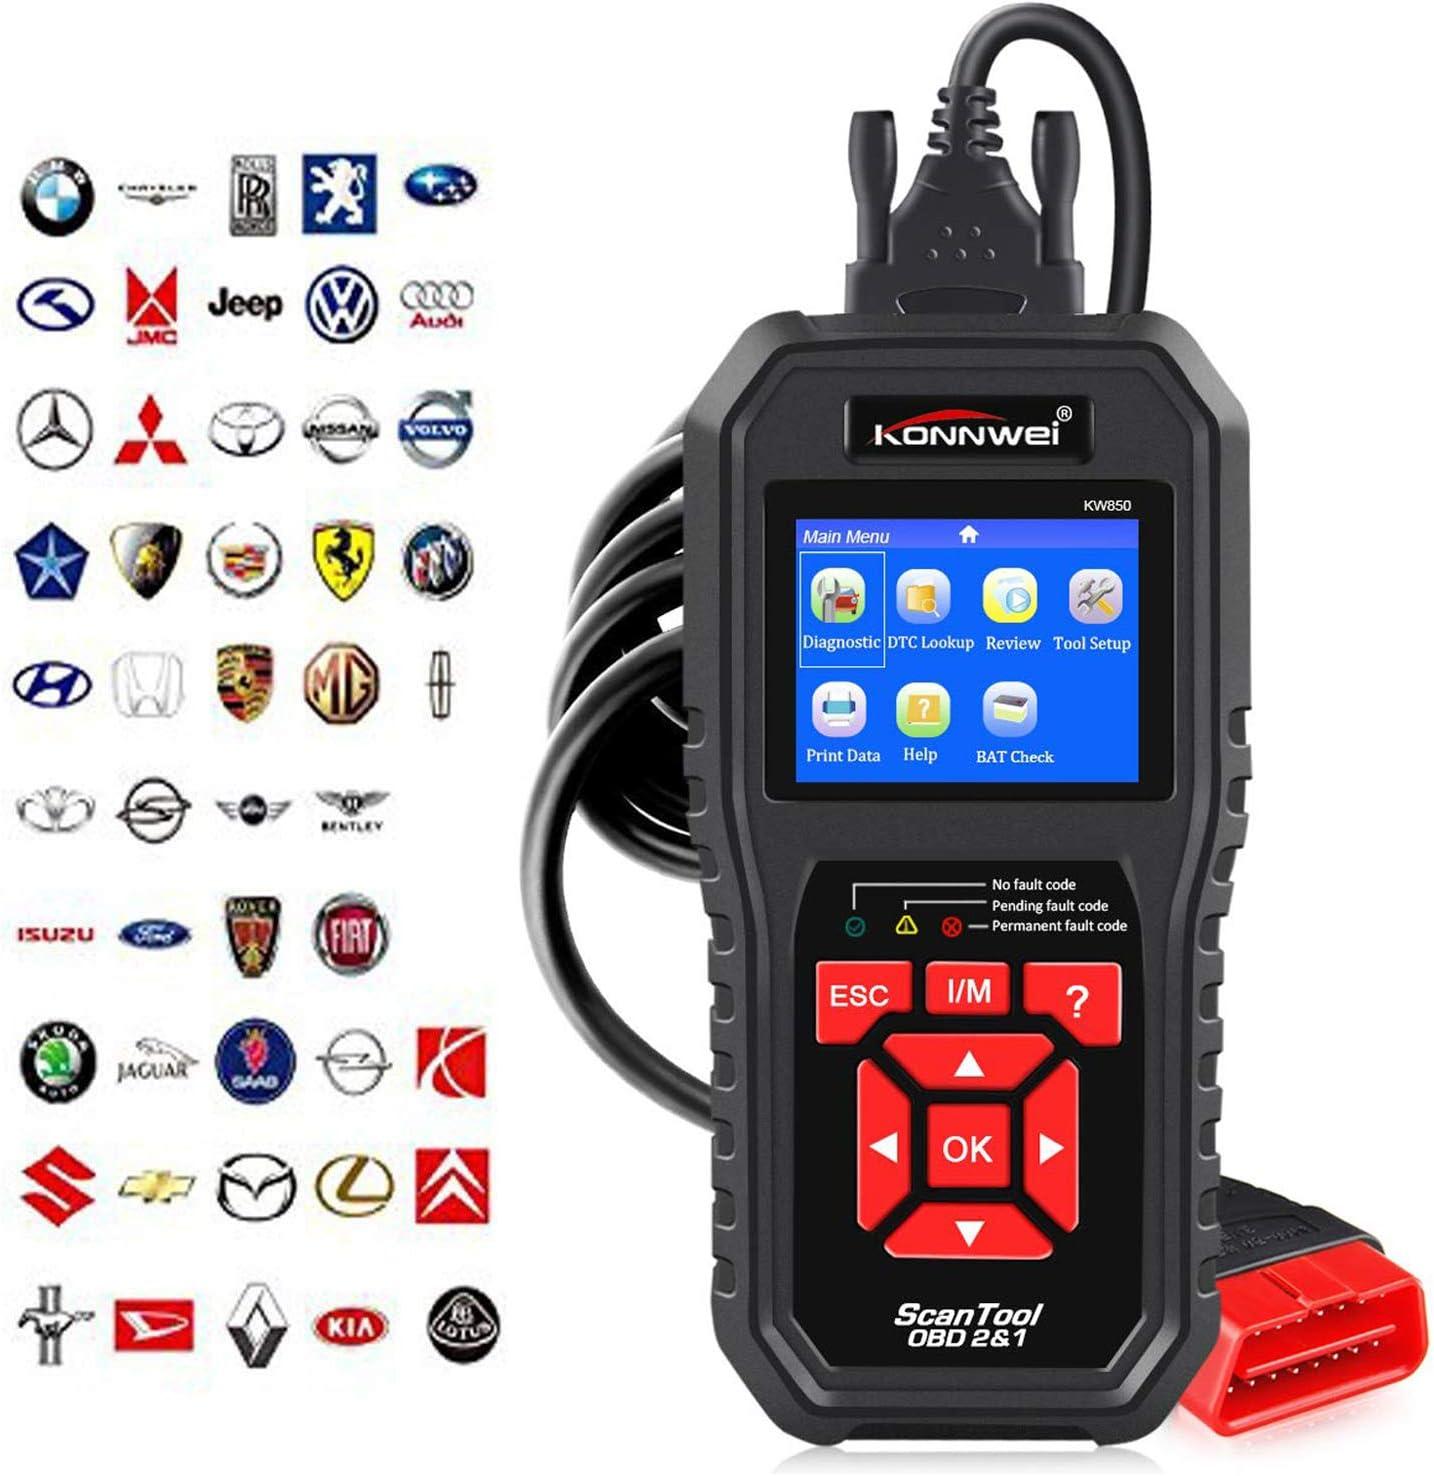 KONNWEI KW850 OBD2 ODBII Automotive Scanner Engine Code Reader Diagnostic Tool